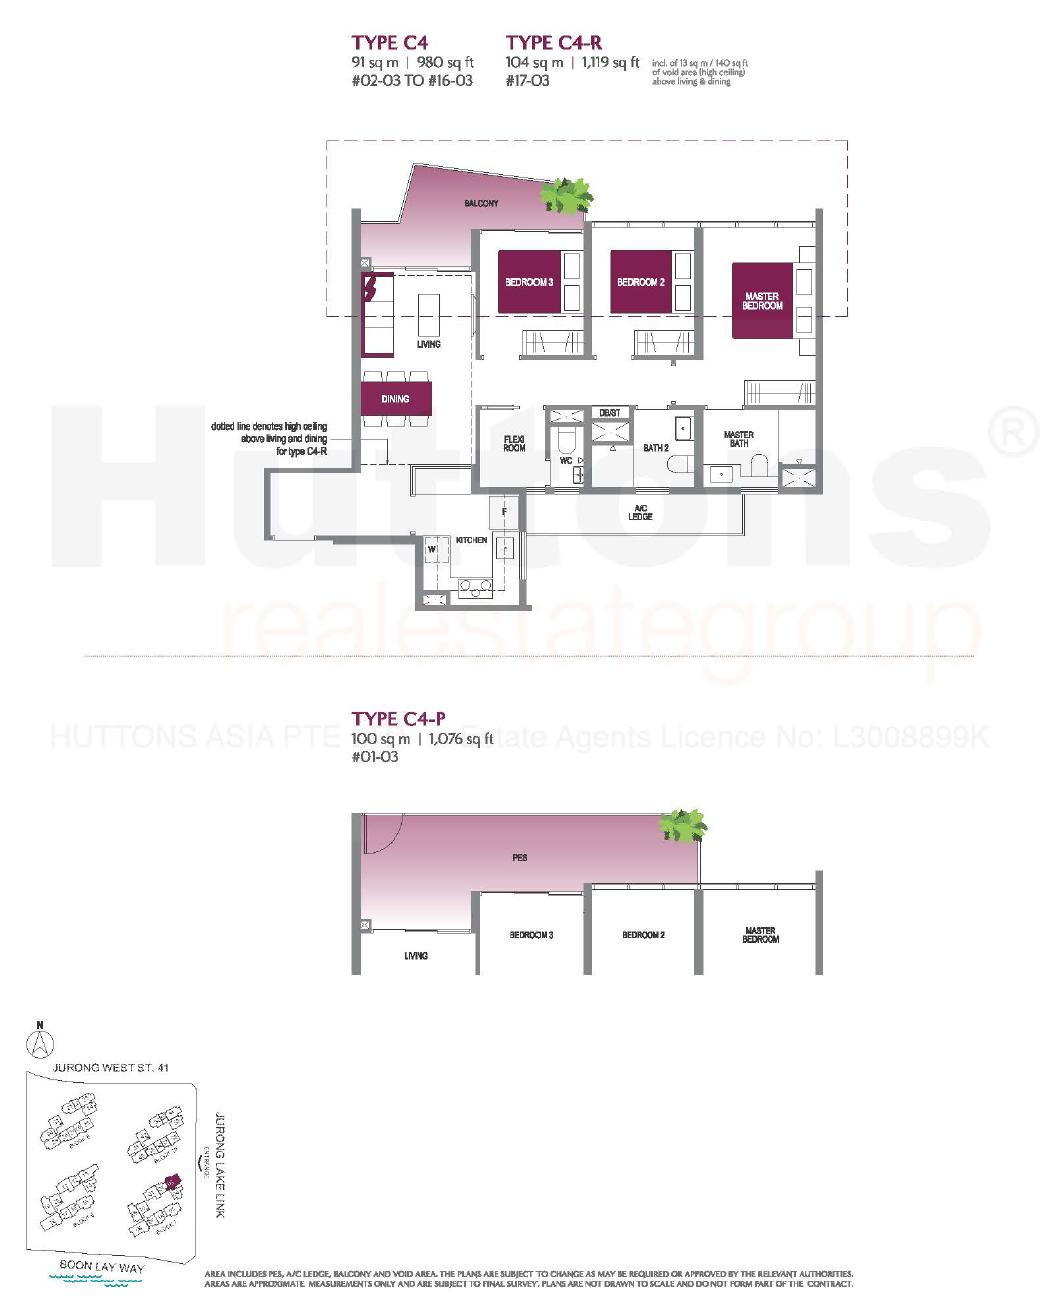 Lake Grande 3 bedroom Floor Plan type C4